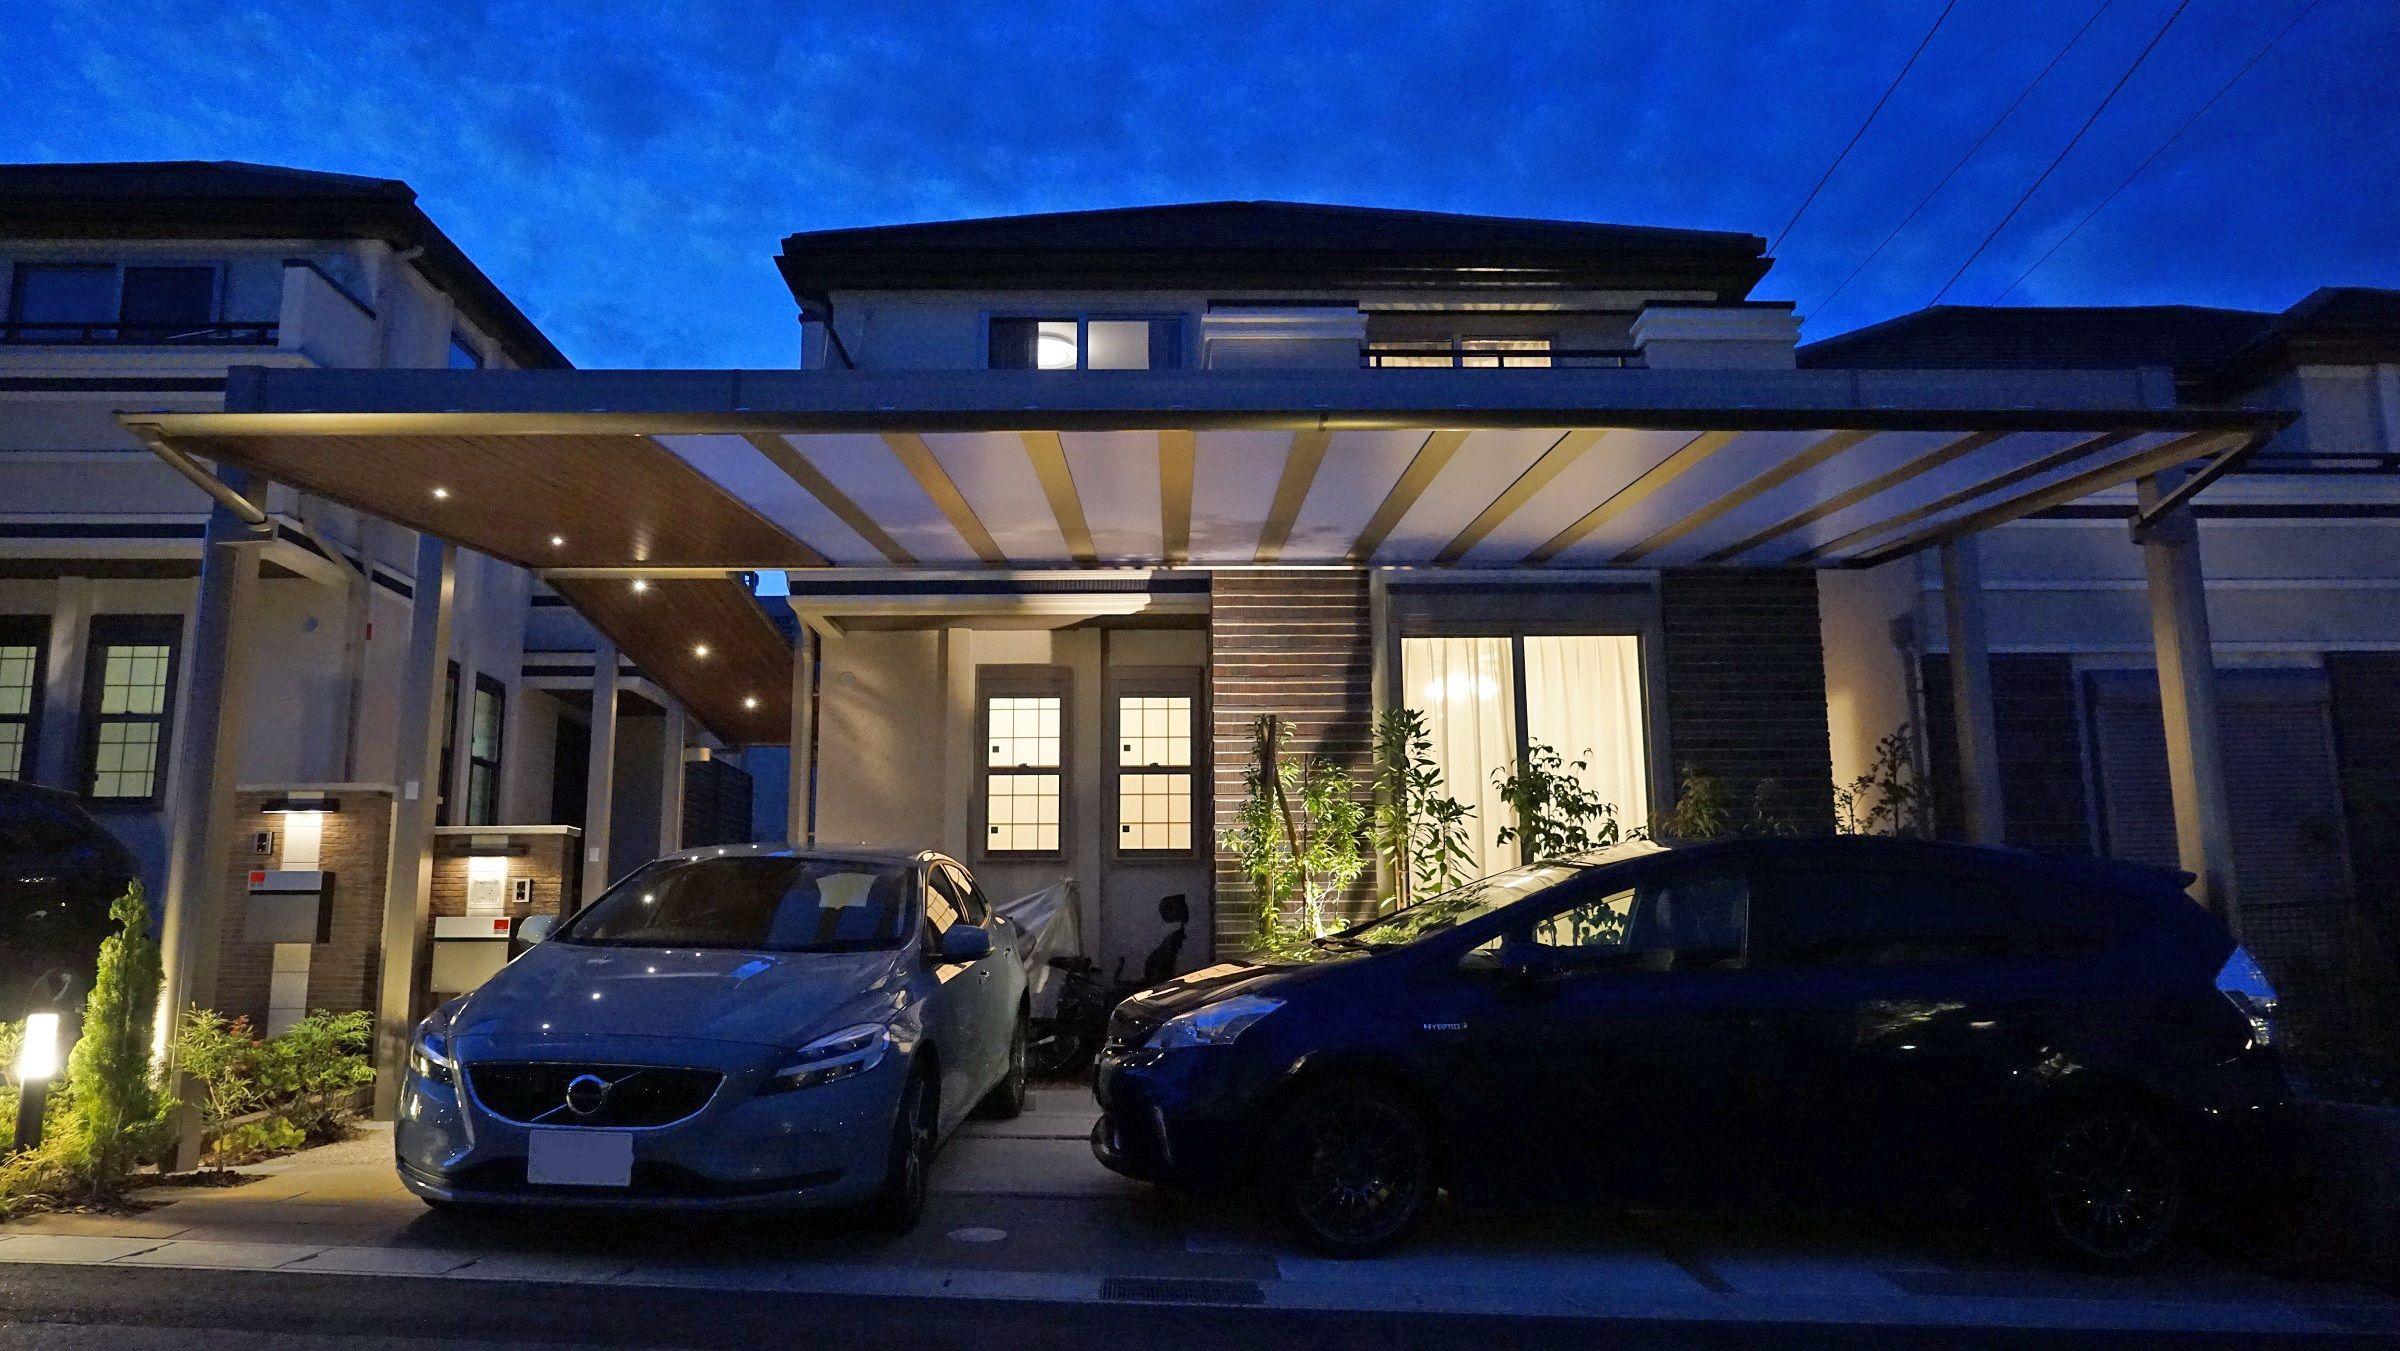 敷地間口いっぱいのlixil アーキフィールド ダウンライト付きです エクステリア 外構 名古屋市